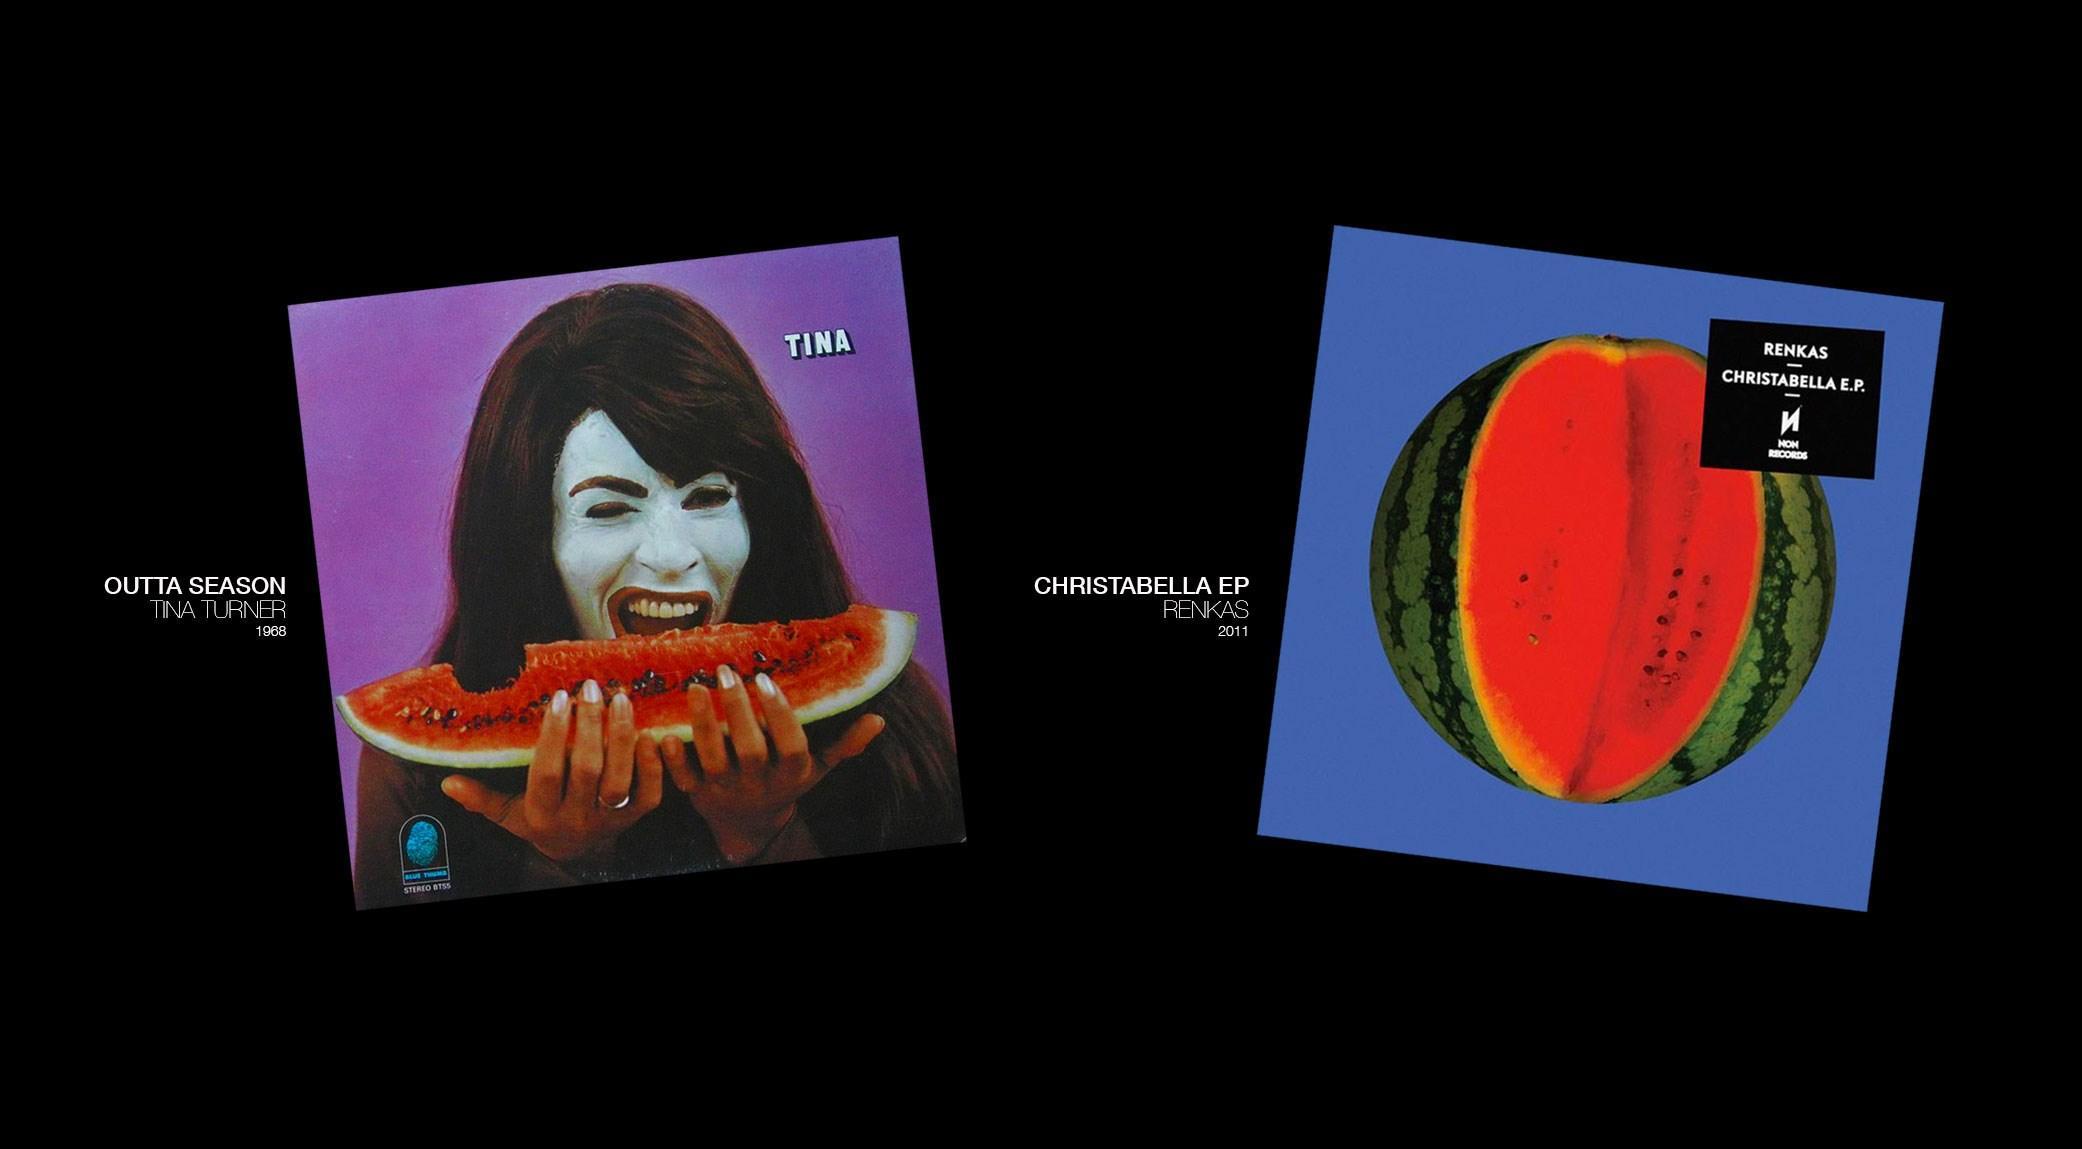 Outta Season, Tina Turner | Christabella EP, Renkas